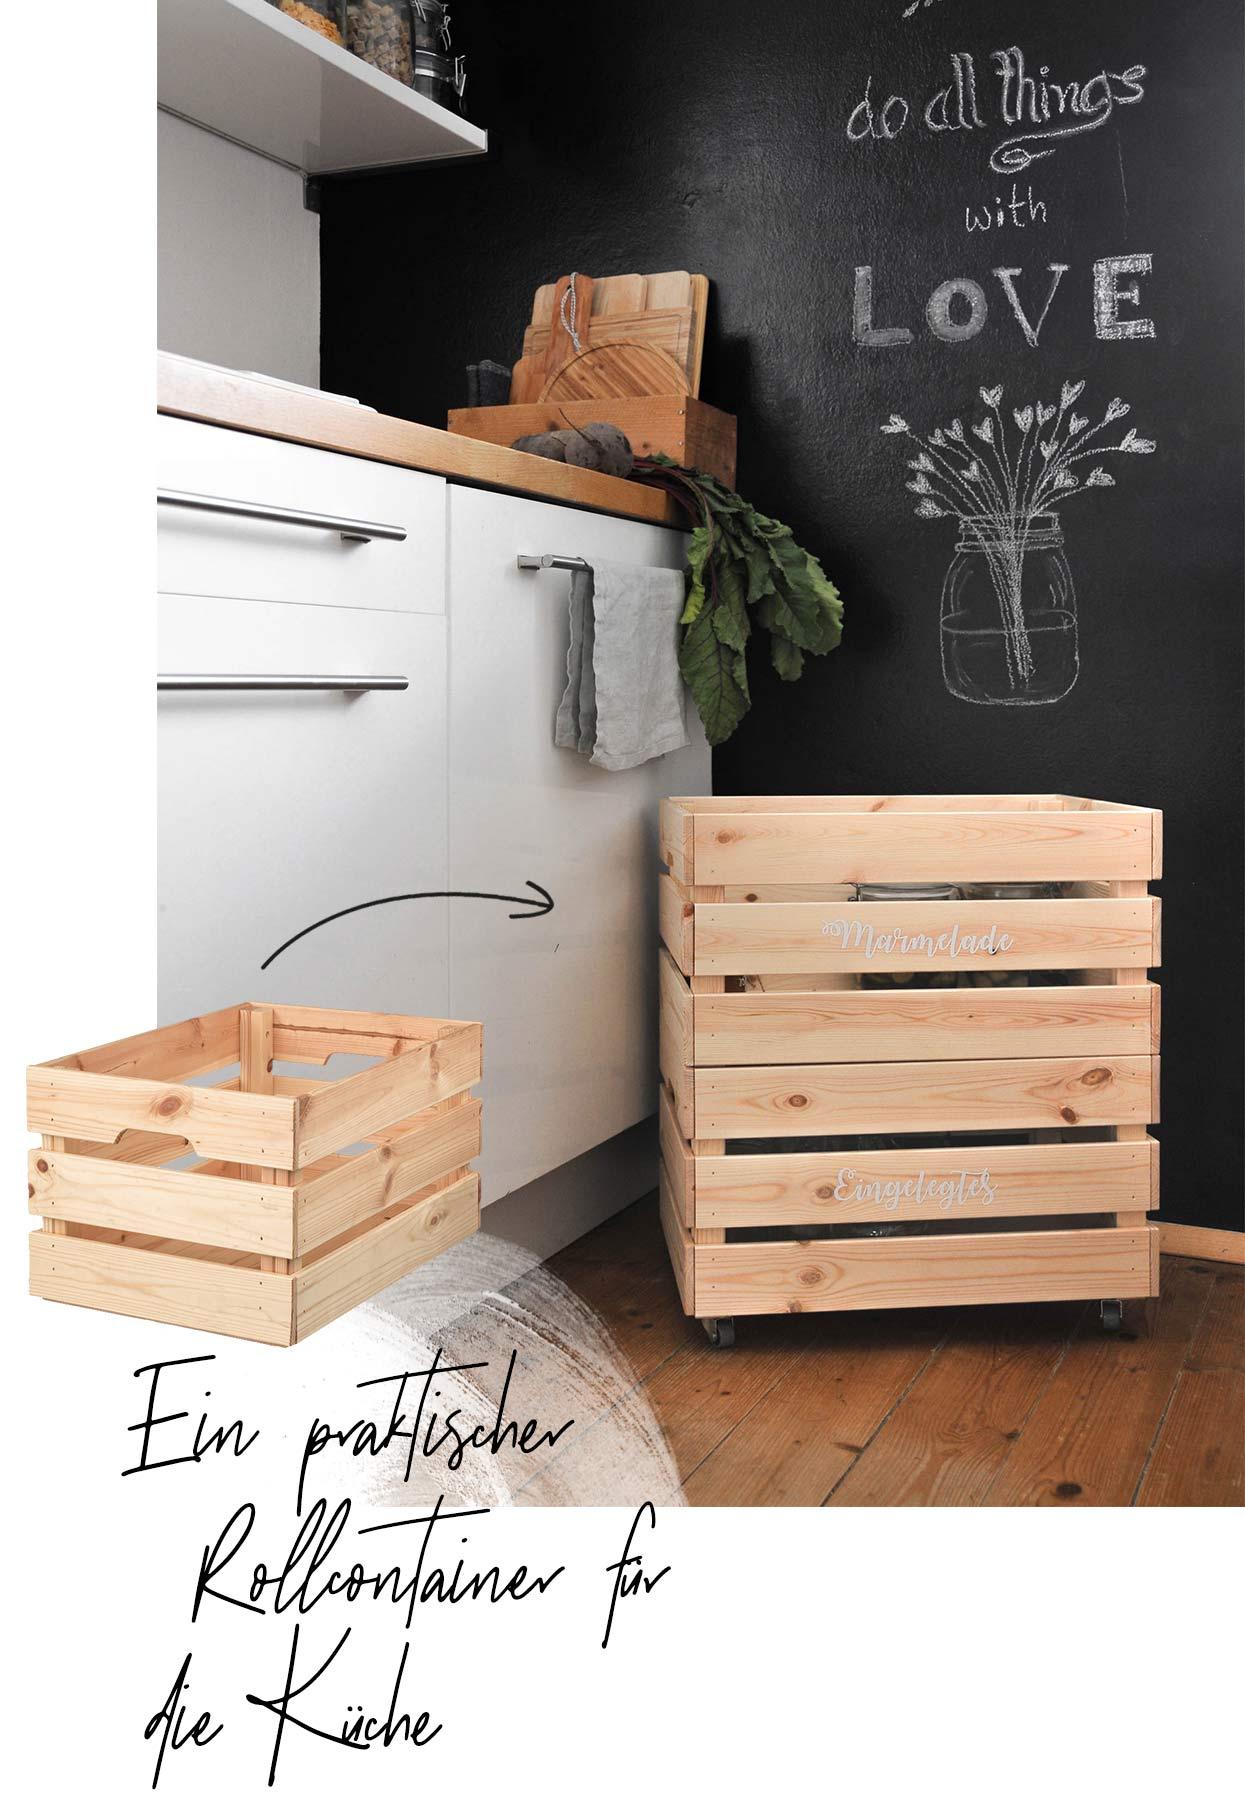 Full Size of Toller Ikea Hack Einen Rollcontainer Selber Bauen Wohnklamotte Küche Günstig Mit Elektrogeräten Hängeschränke Modul Obi Einbauküche Arbeitsplatte Wohnzimmer Ikea Hacks Küche